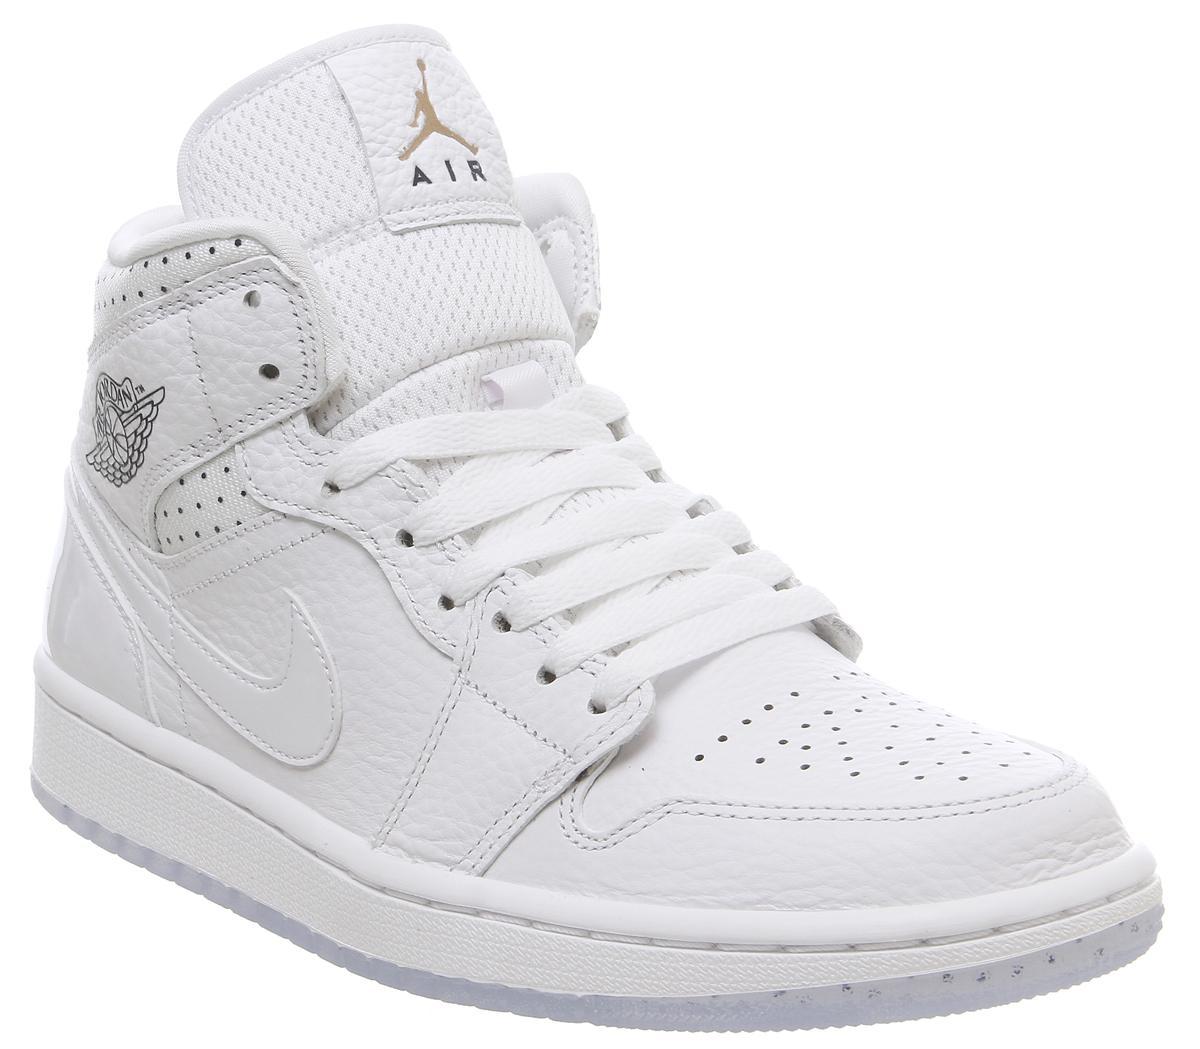 Jordan Air Jordan 1 Mid Trainers White